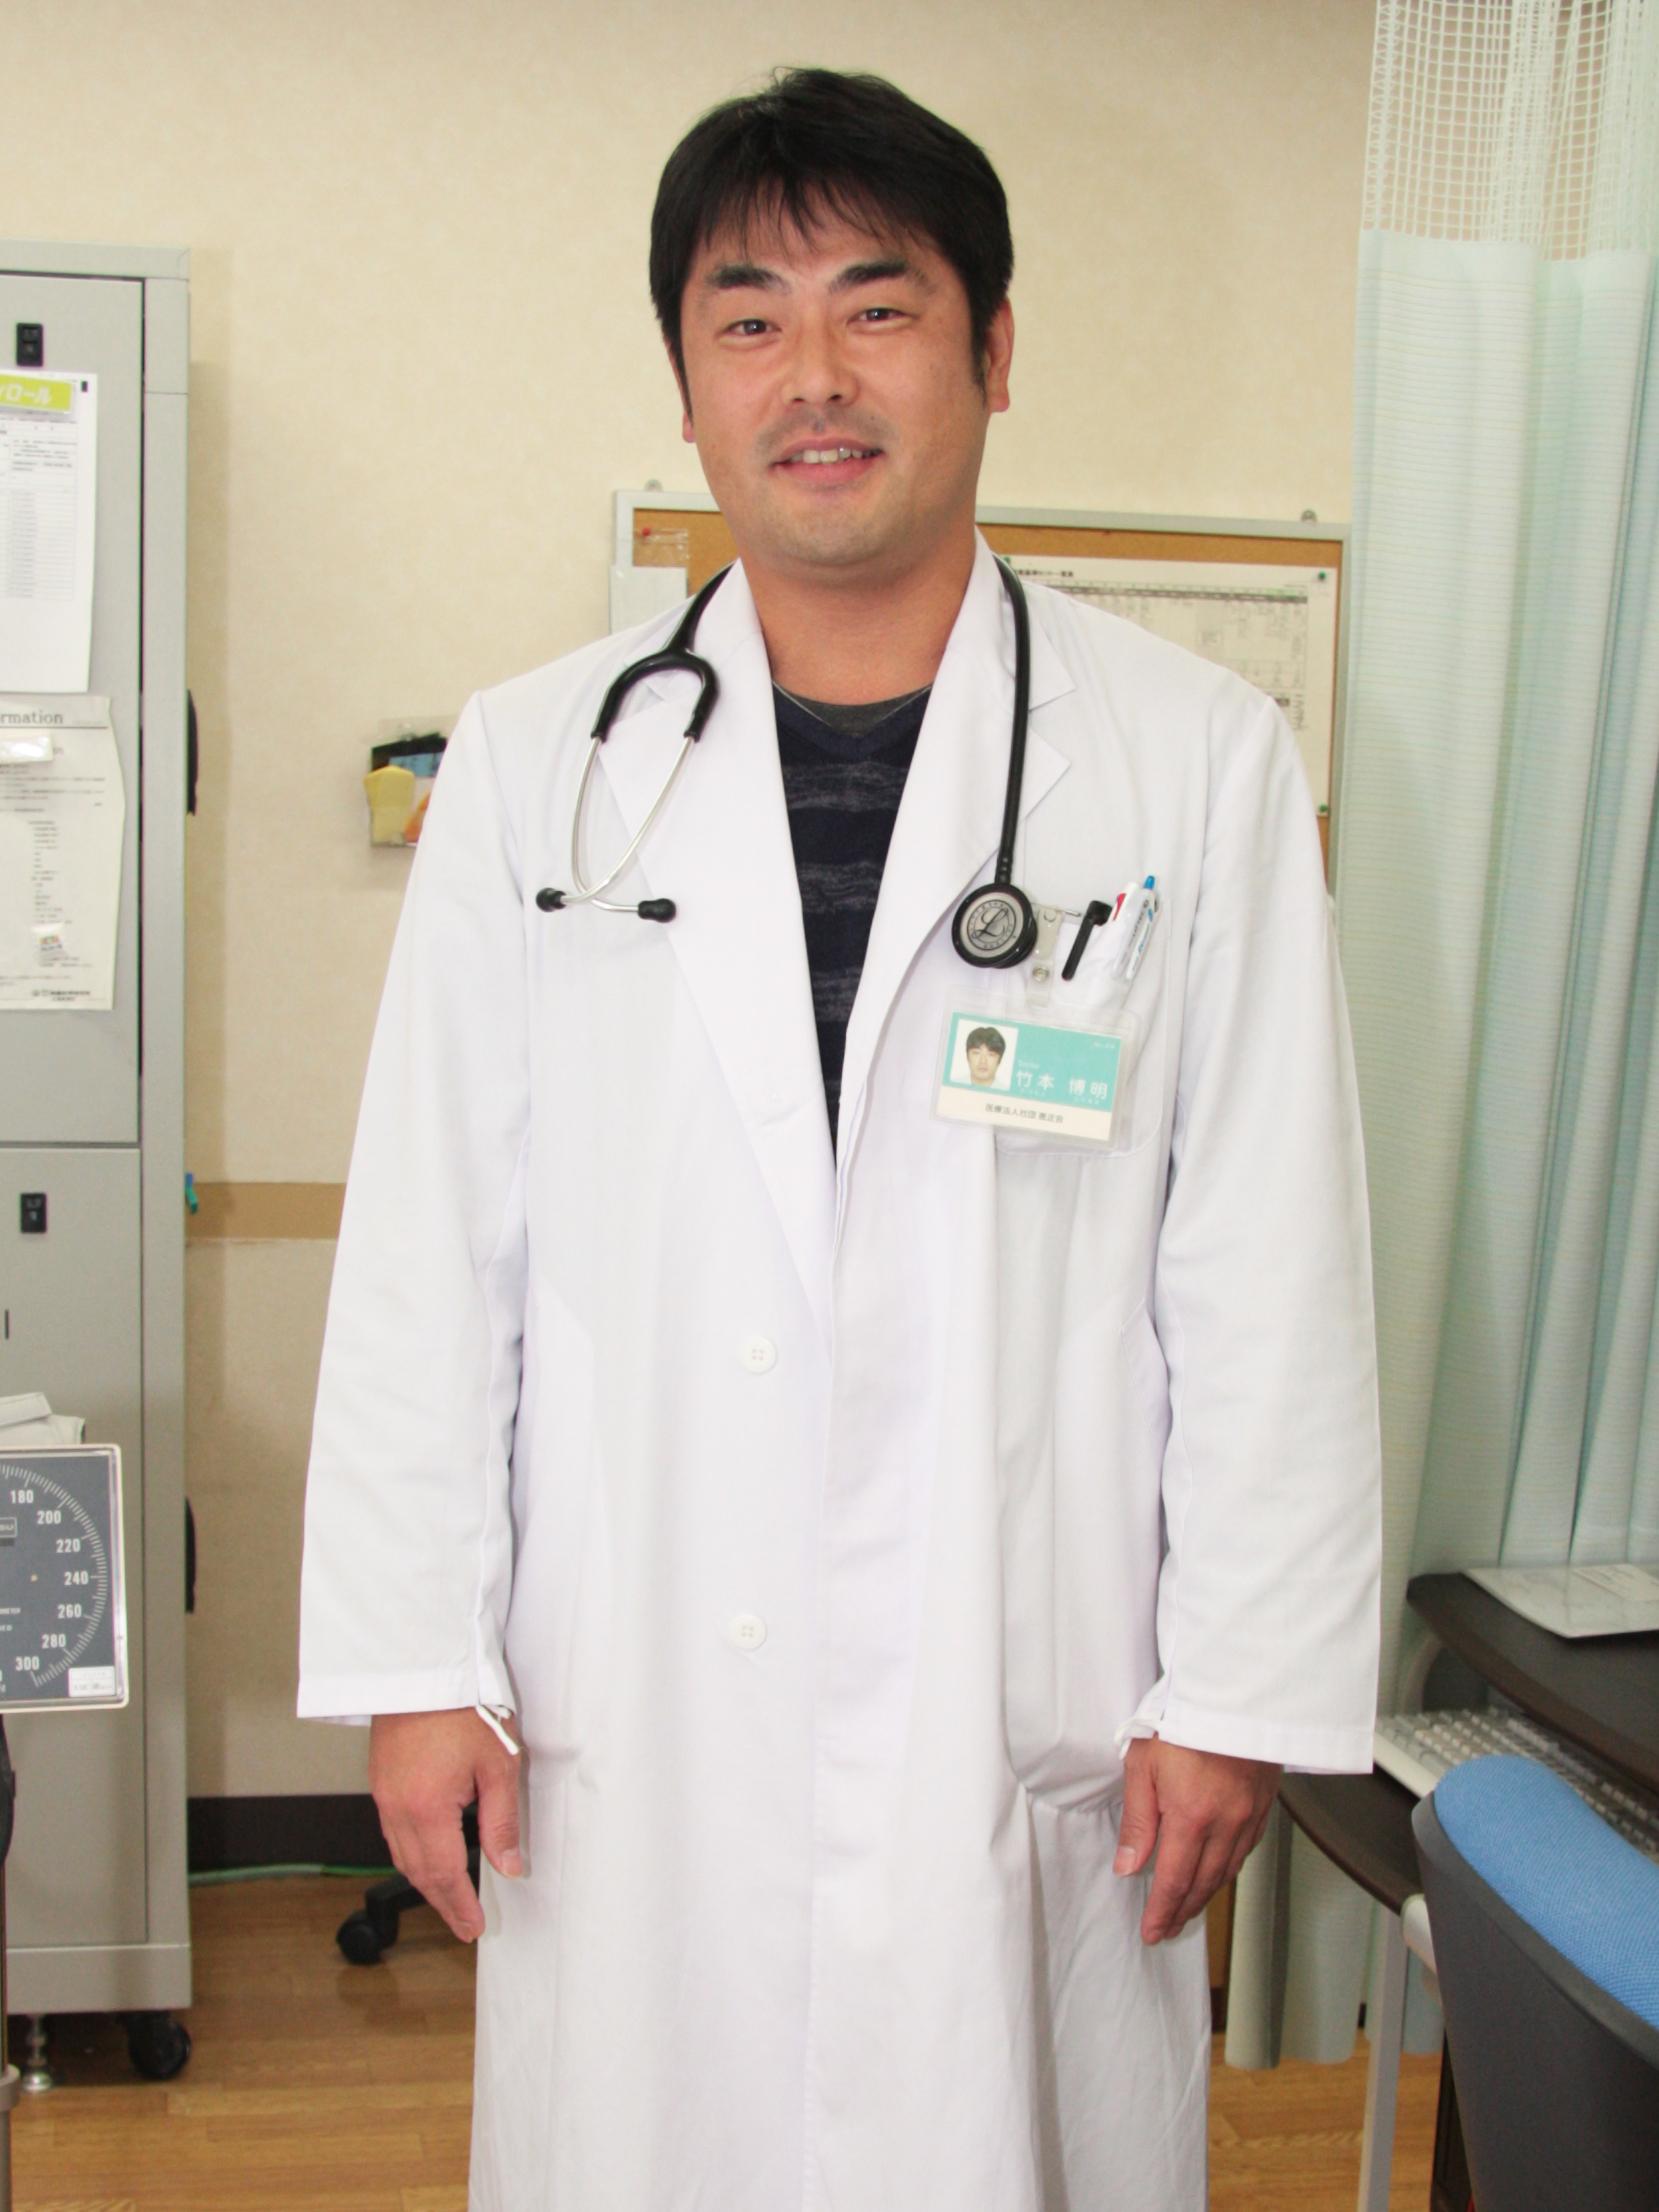 竹本博明先生